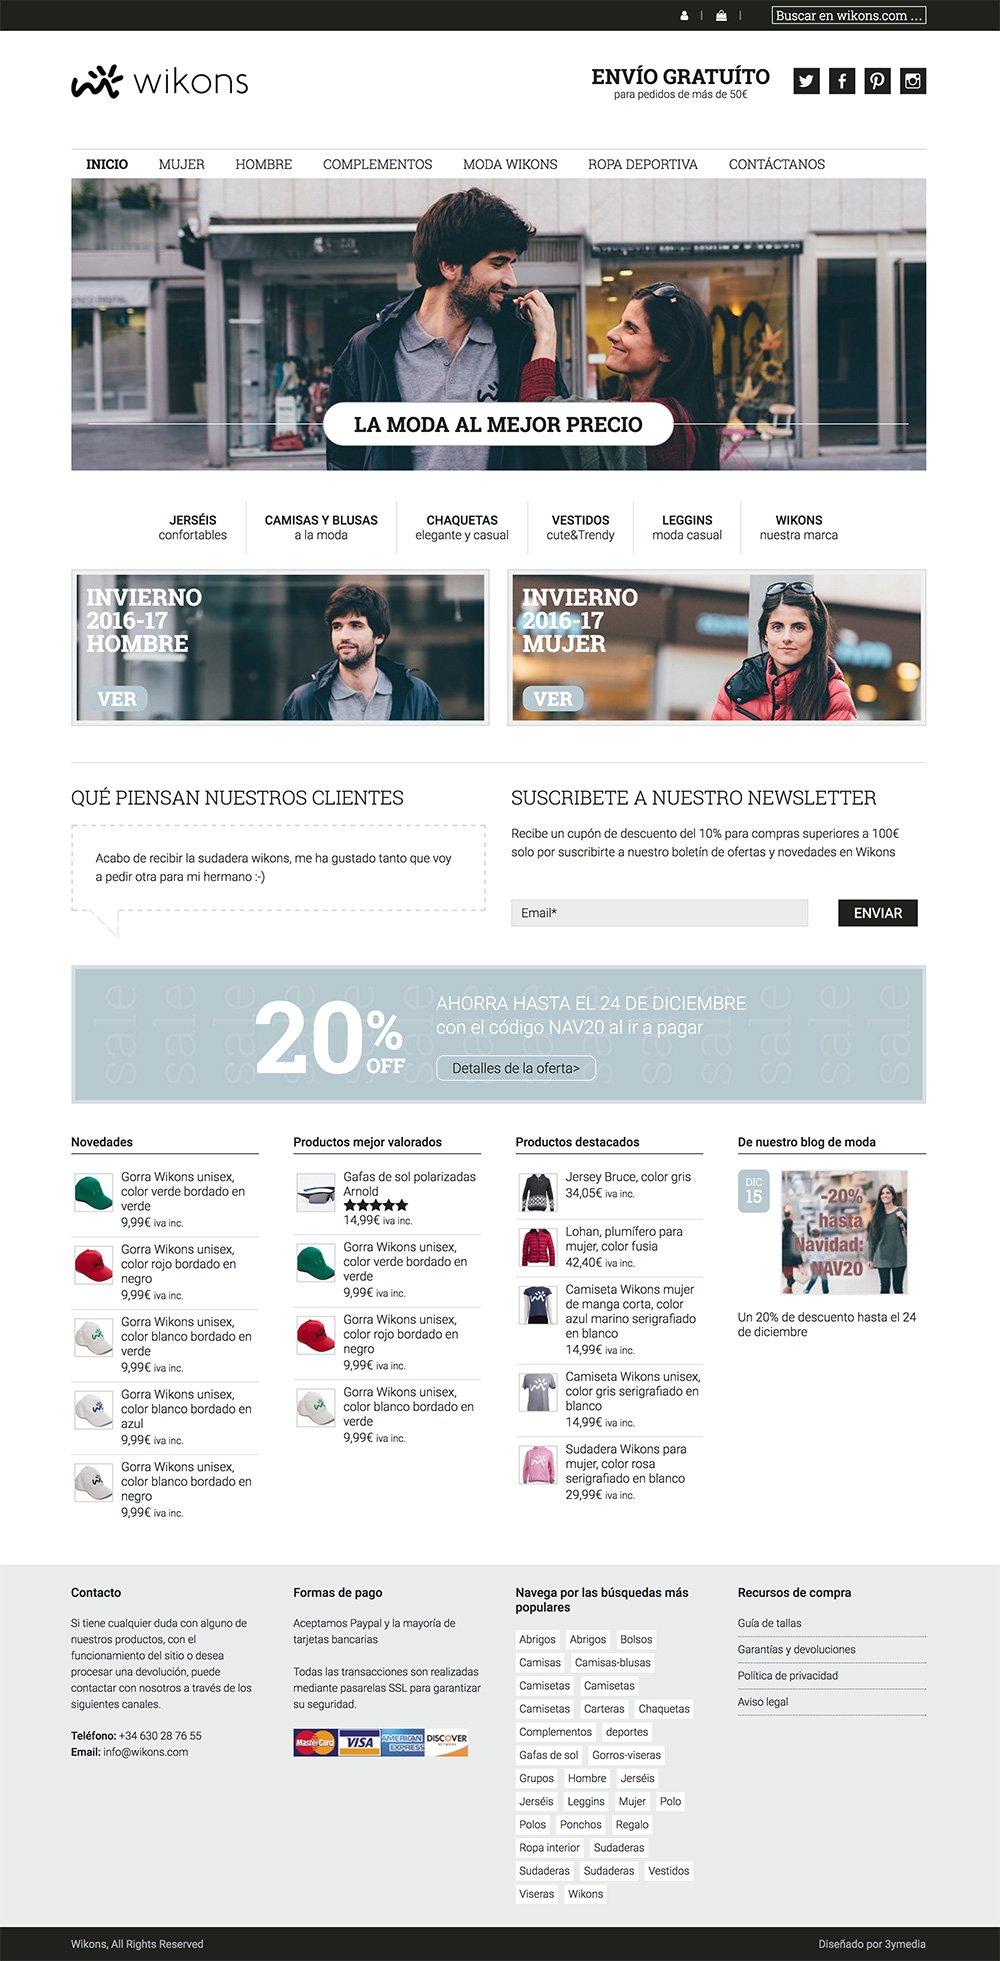 Diseño web de Wikons.com